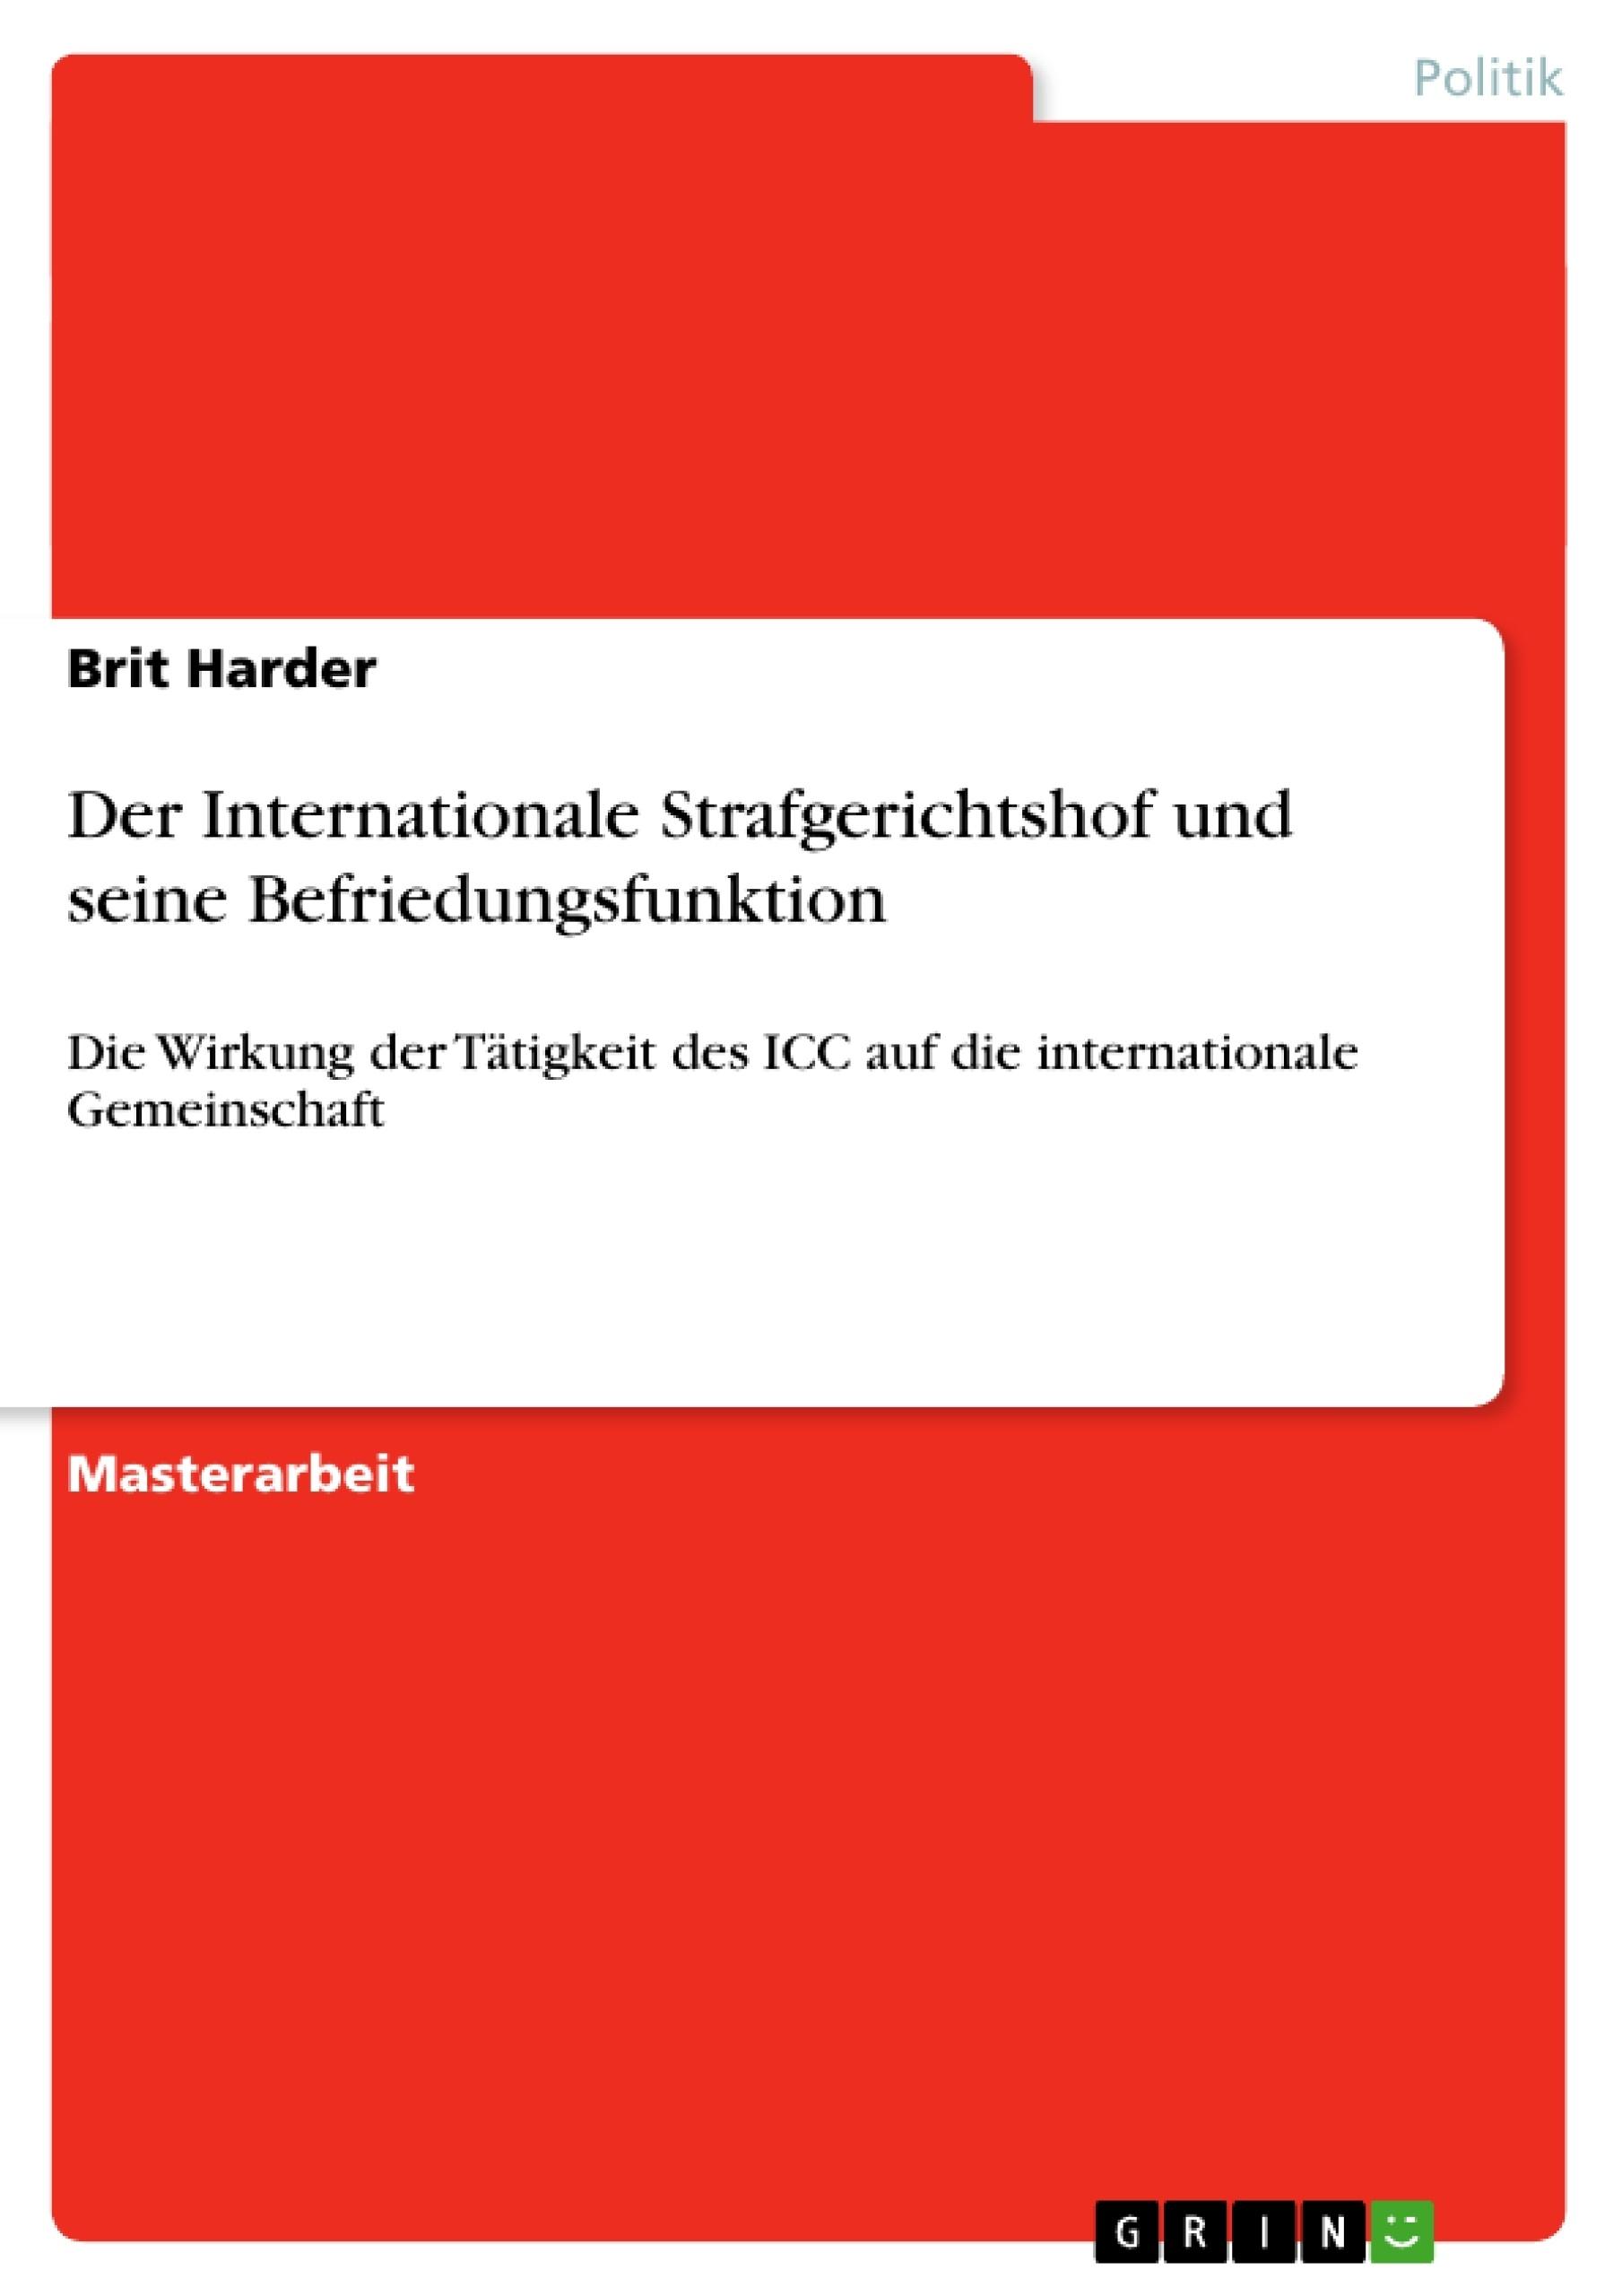 Titel: Der Internationale Strafgerichtshof und seine Befriedungsfunktion